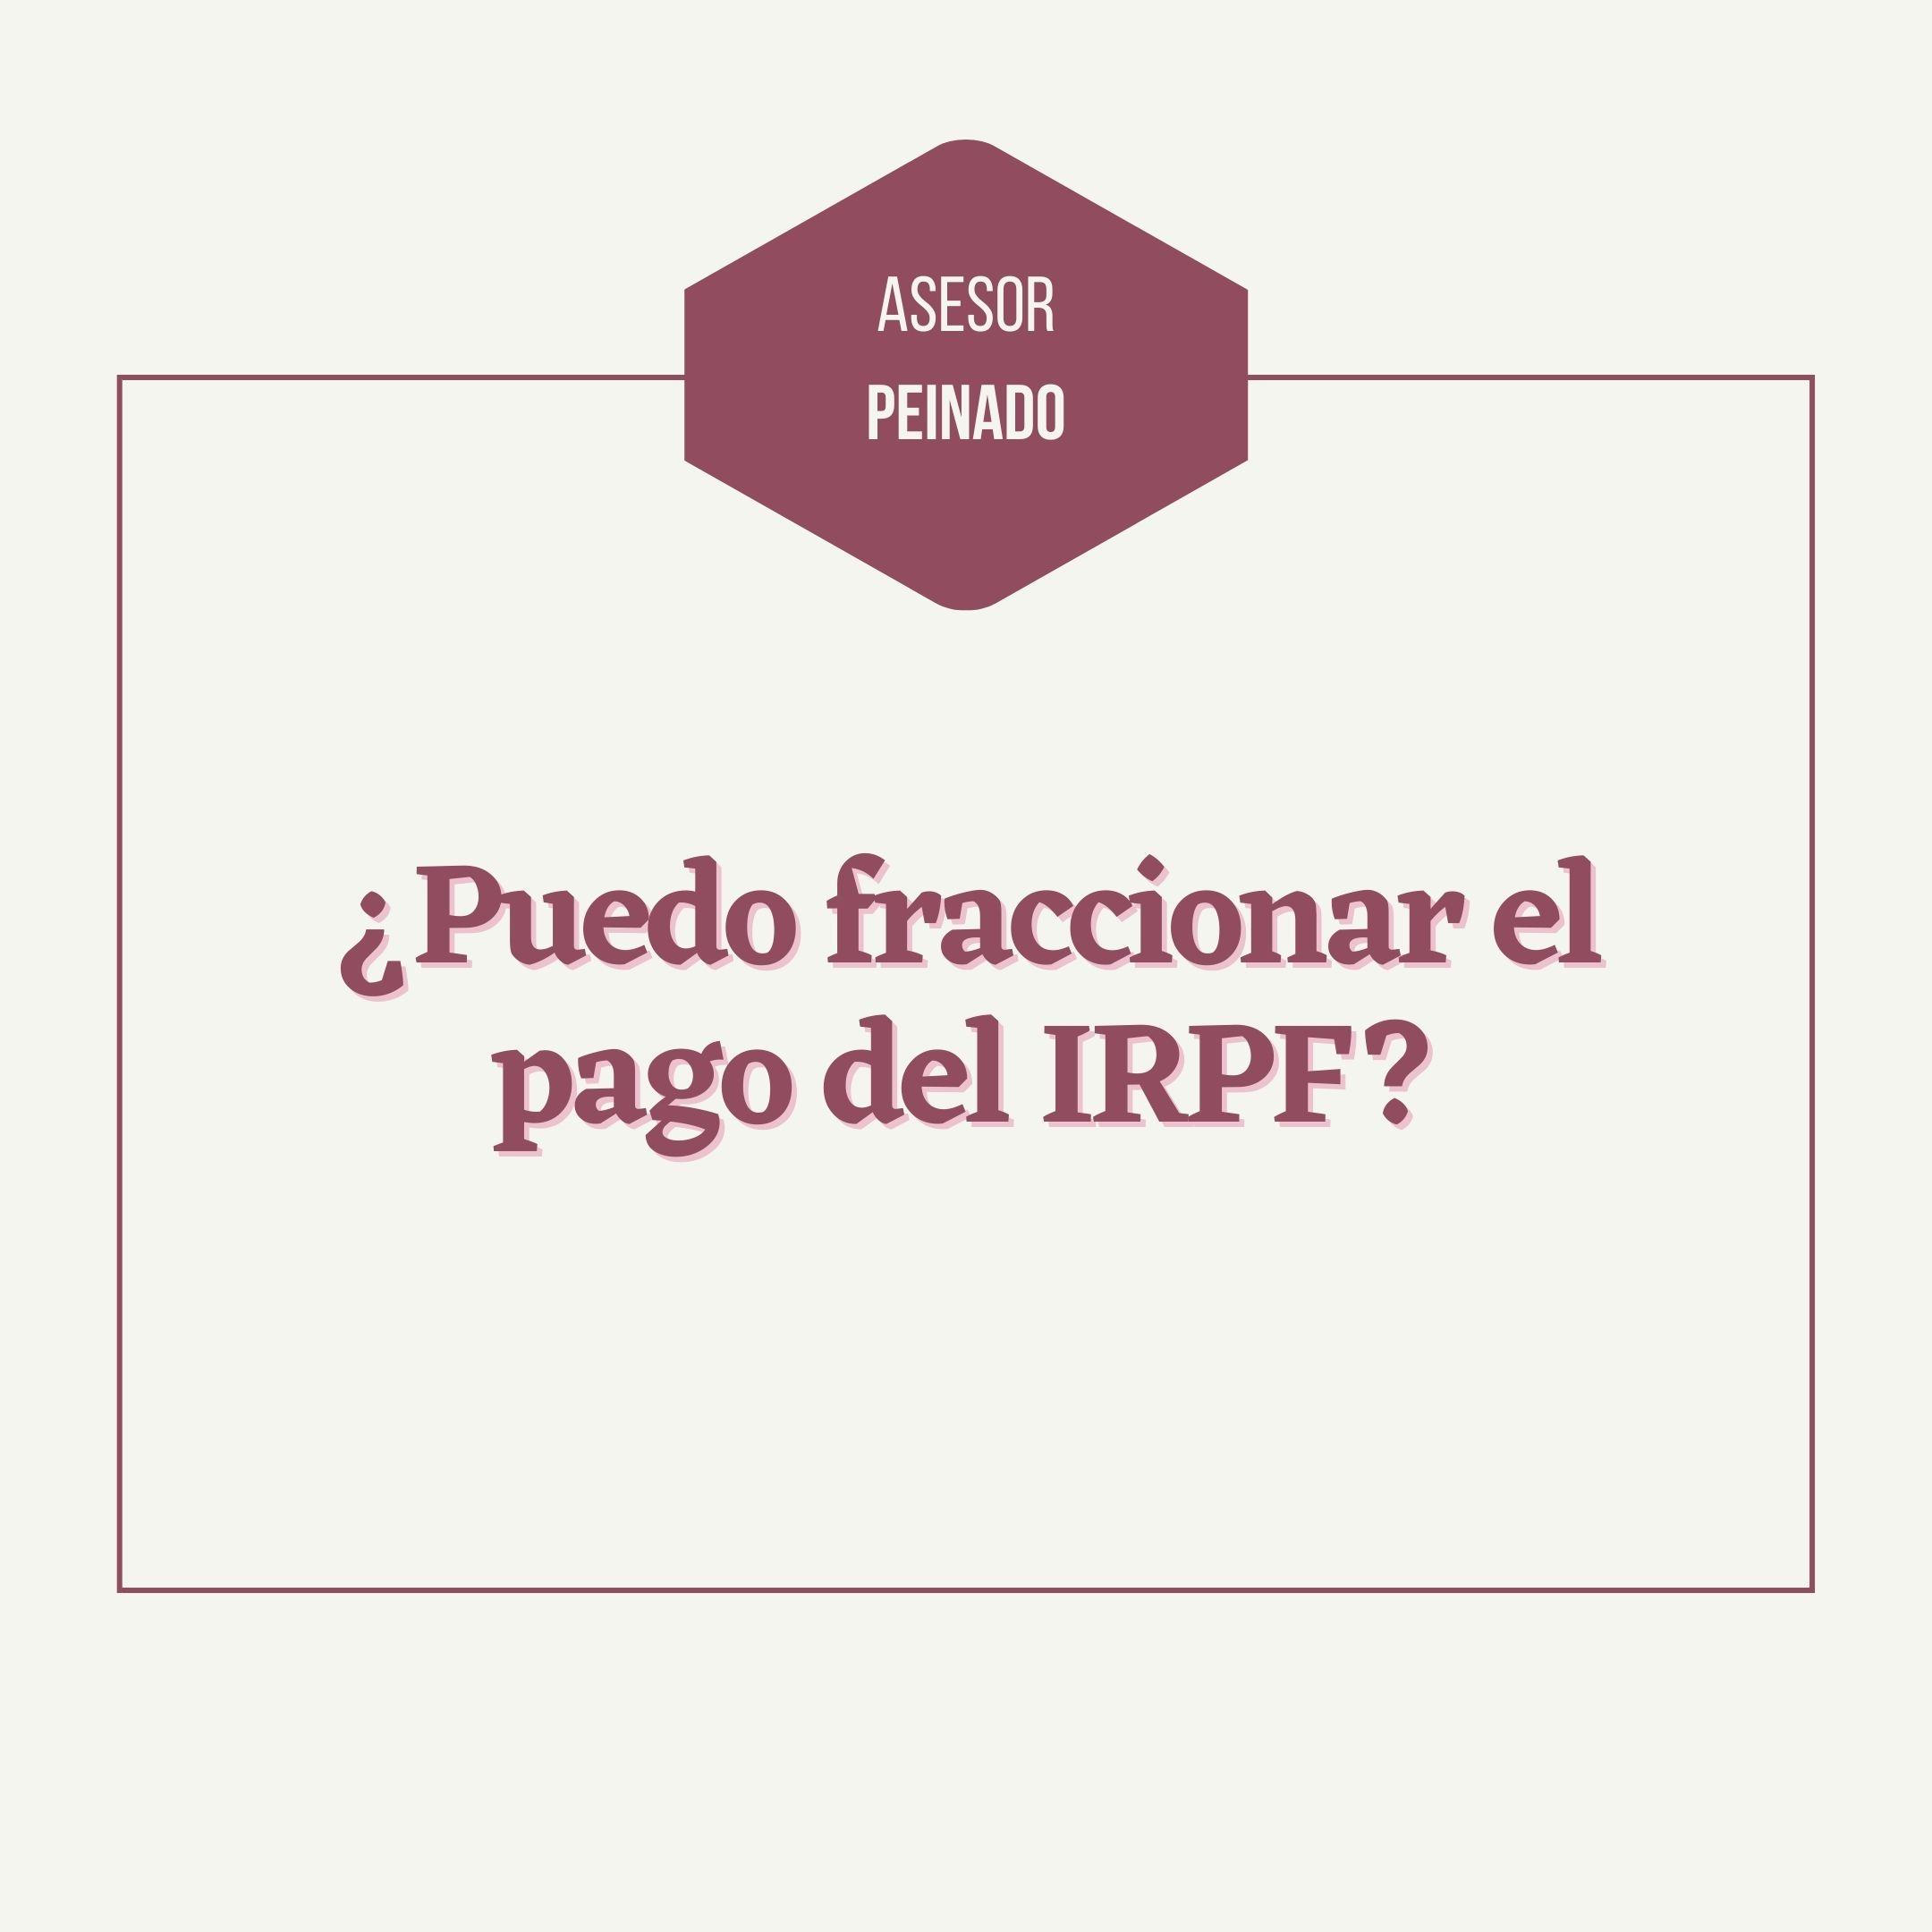 ¿Puedes fraccionar el pago del IRPF?